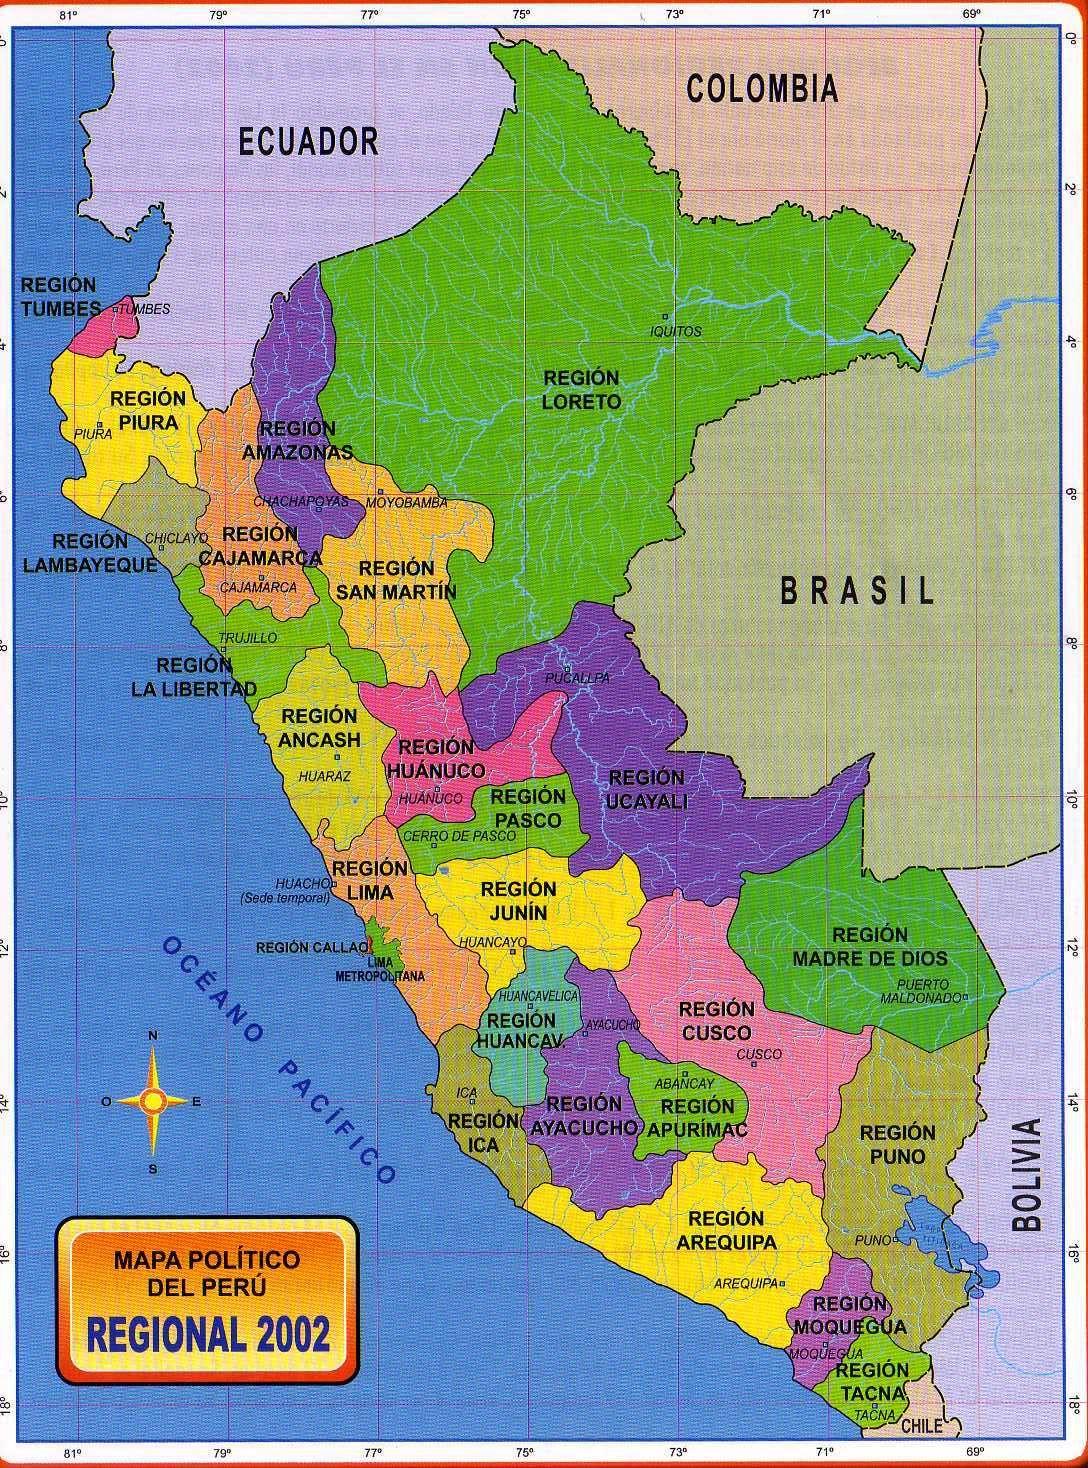 Para Mis Tareas Mapa Politico Del Peru Regional 2002 Region Peru Geography